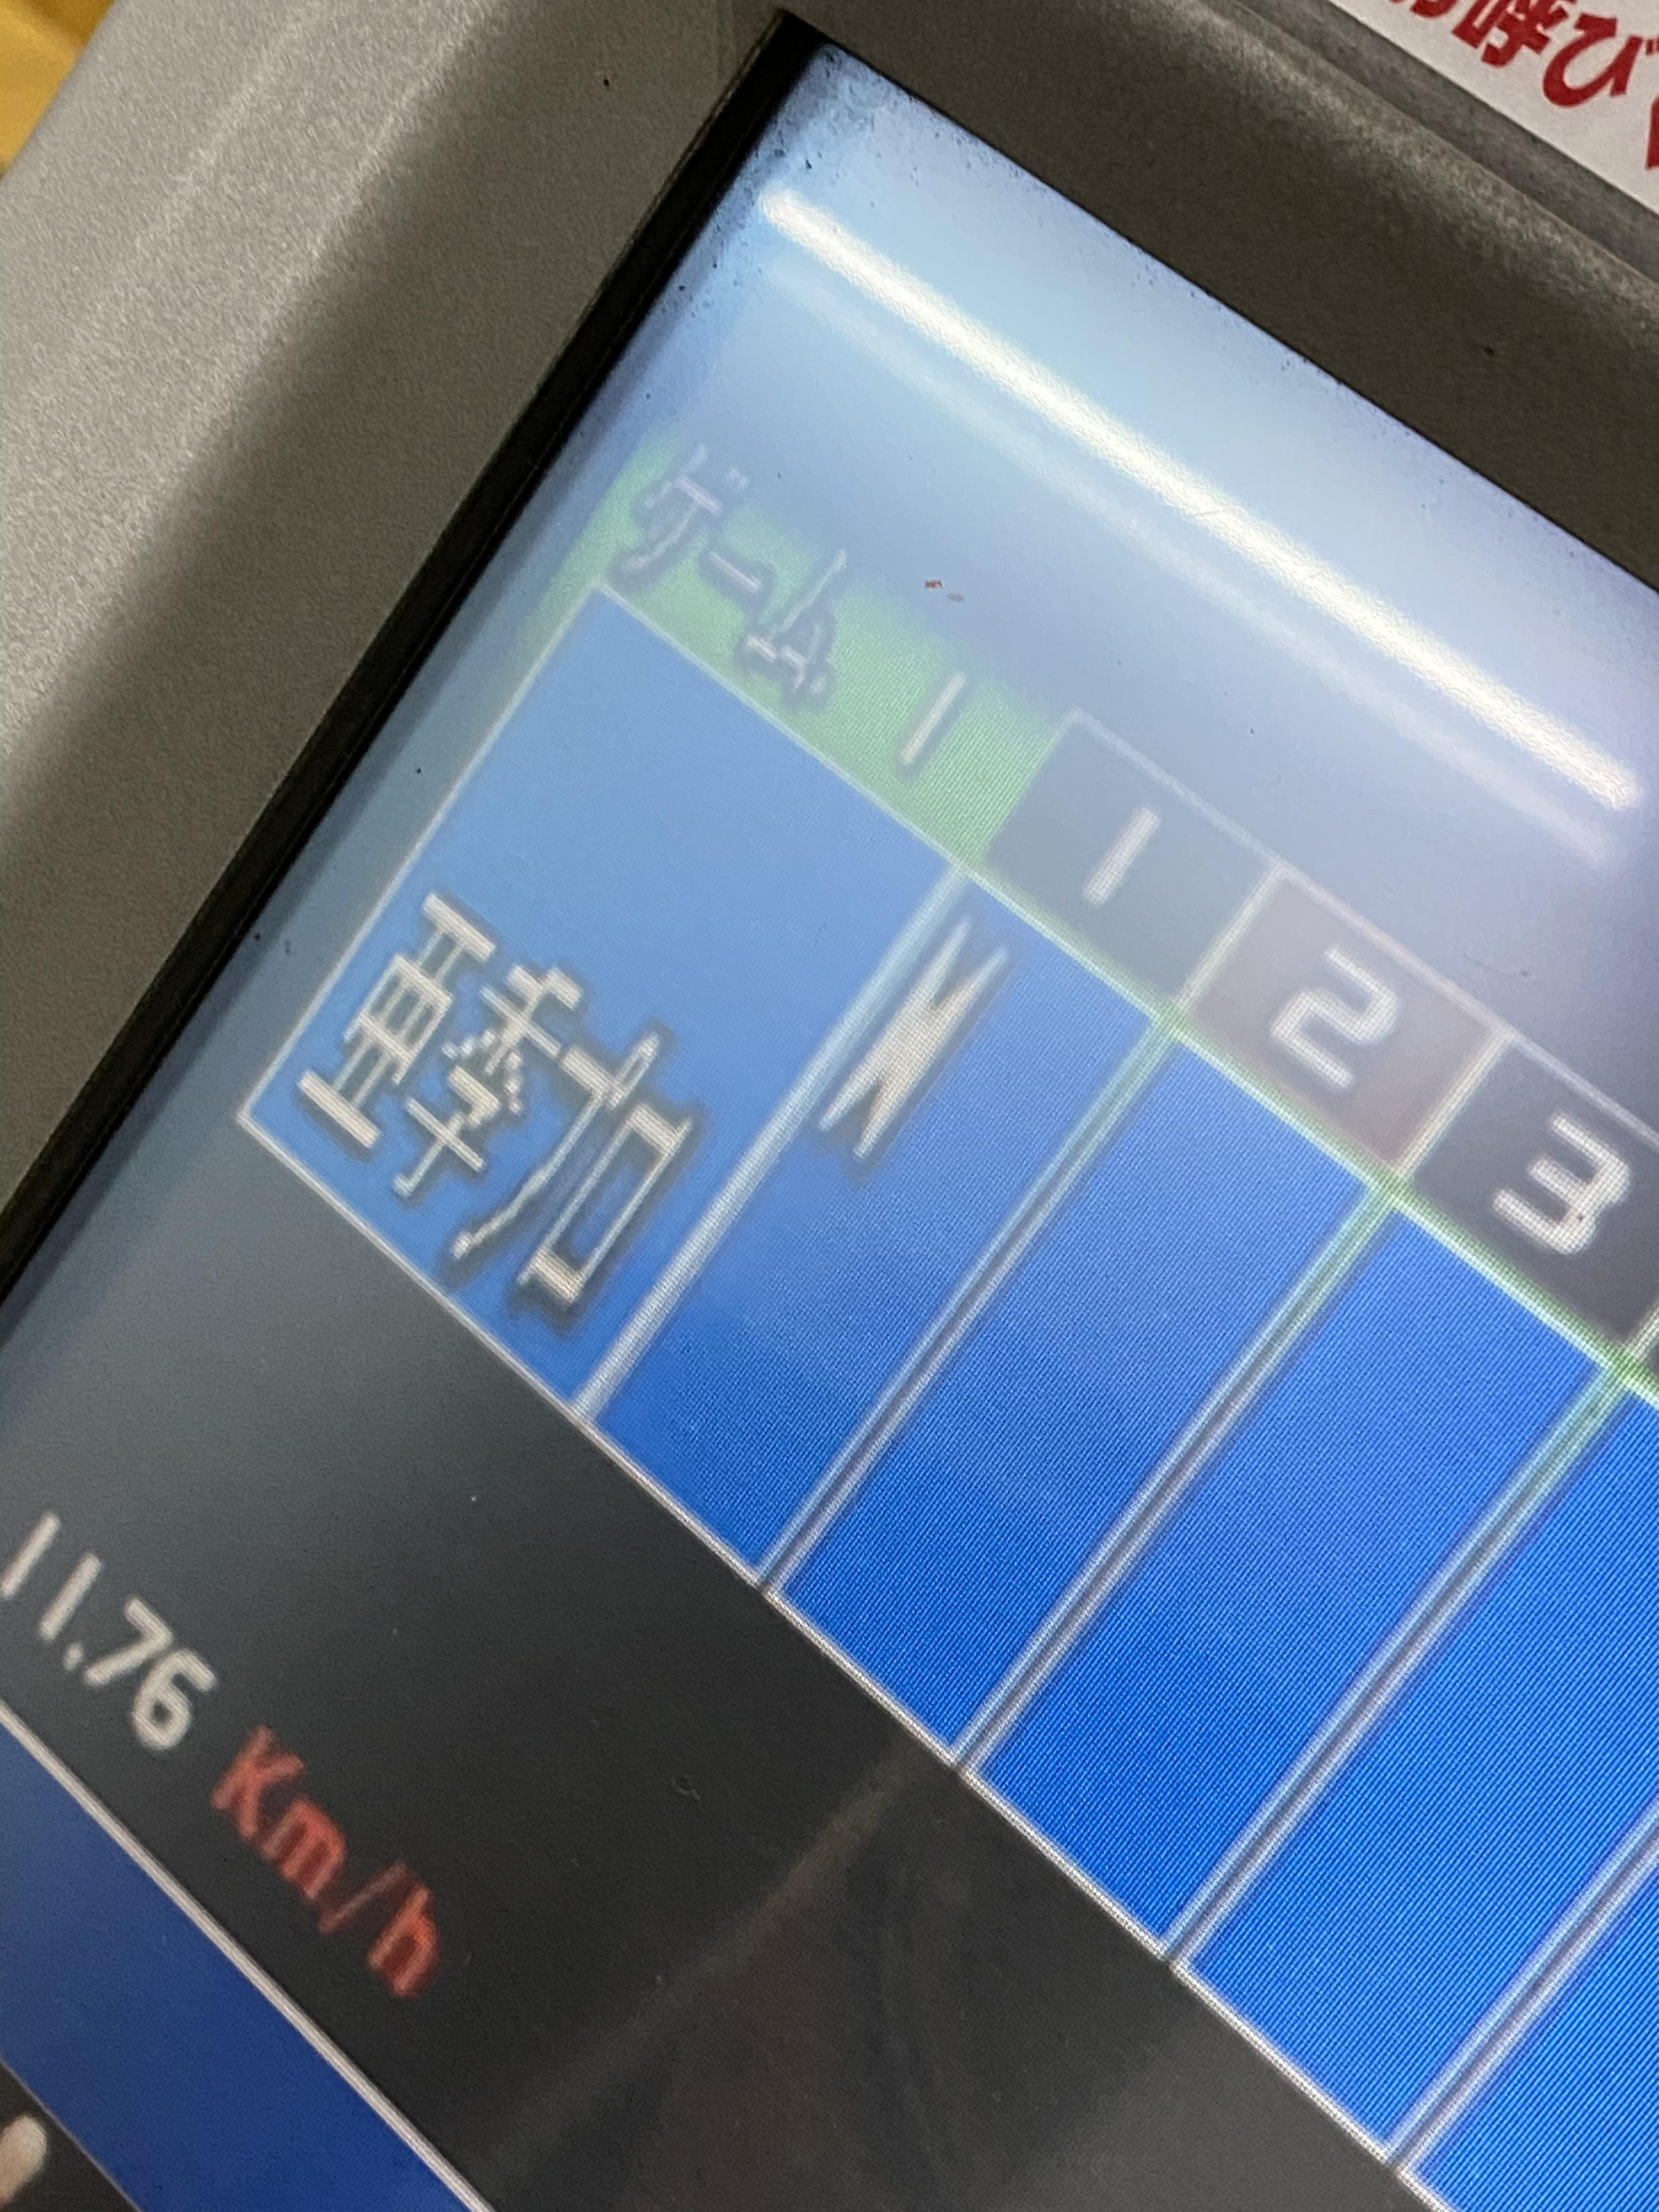 AE1017AF-616A-40A1-A1B2-61F2A91B08A8.jpeg